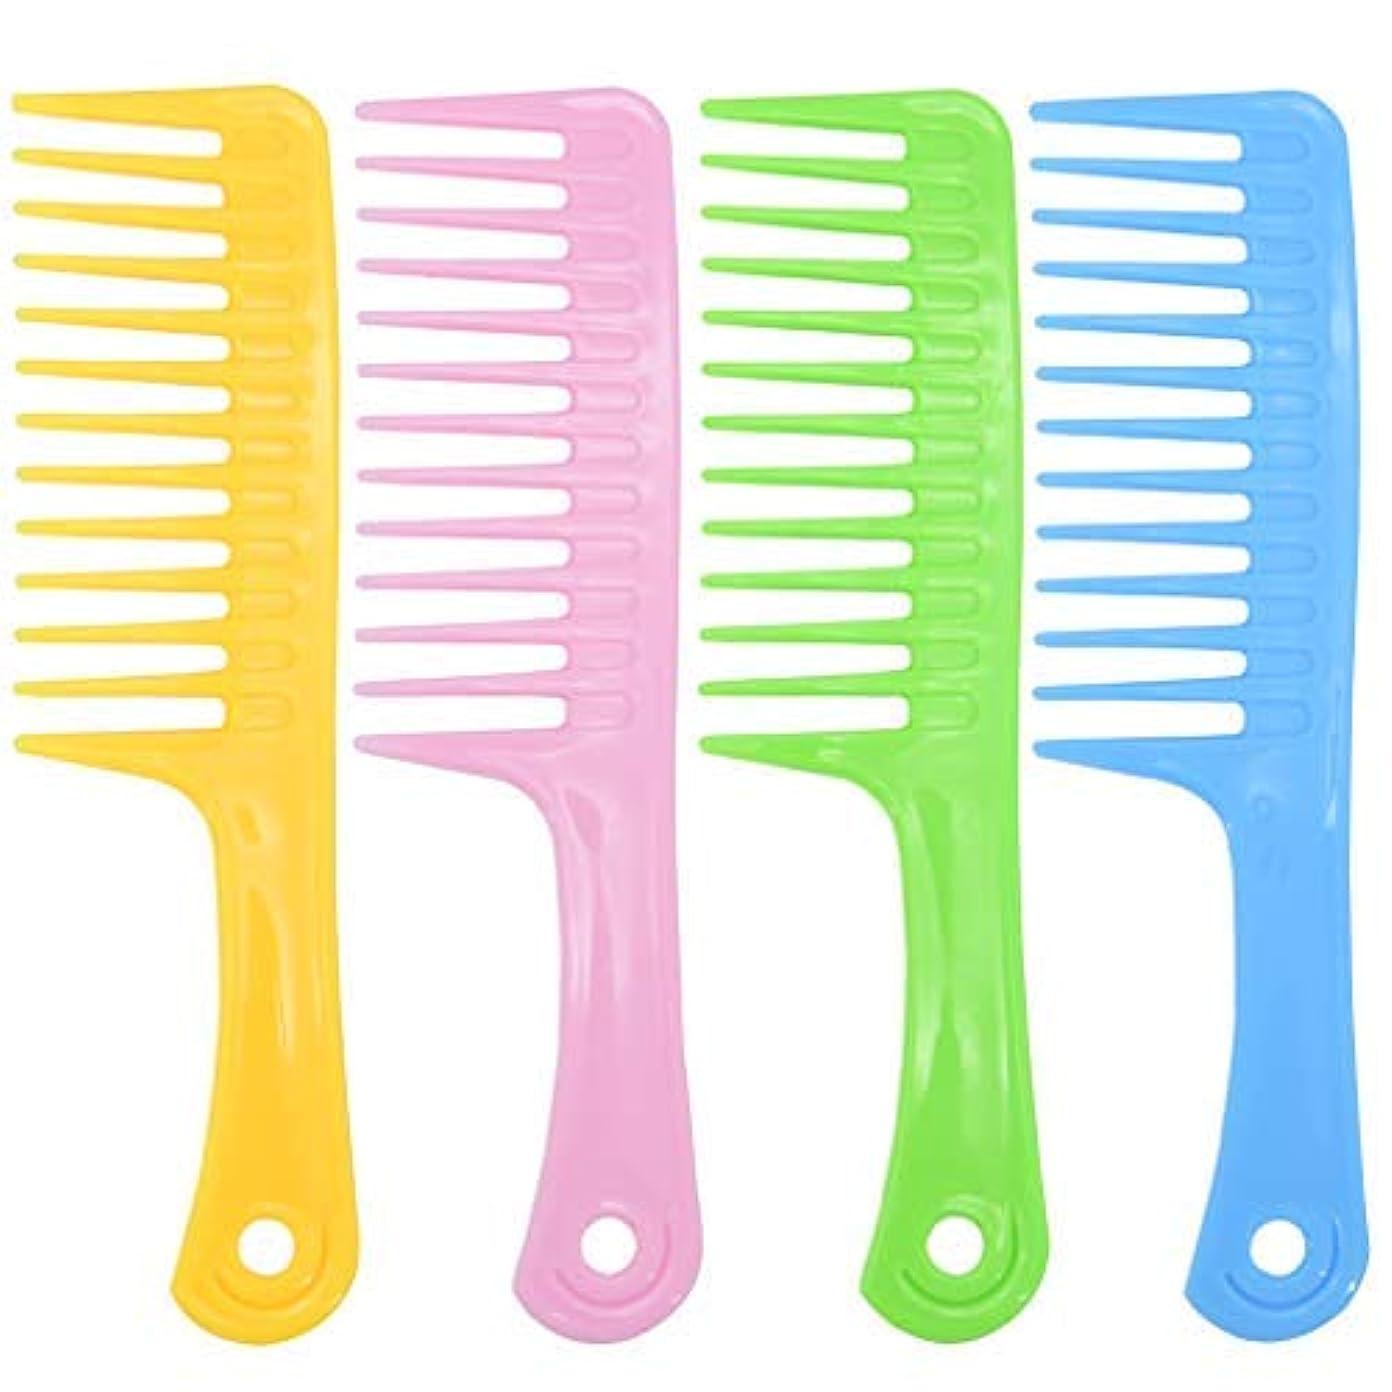 船酔い亜熱帯セーブAncefine 8 Pieces Large Tooth Detangle Comb Anti-static Wide Hair Salon Shampoo Comb for Thick,Long and Curl Hair...